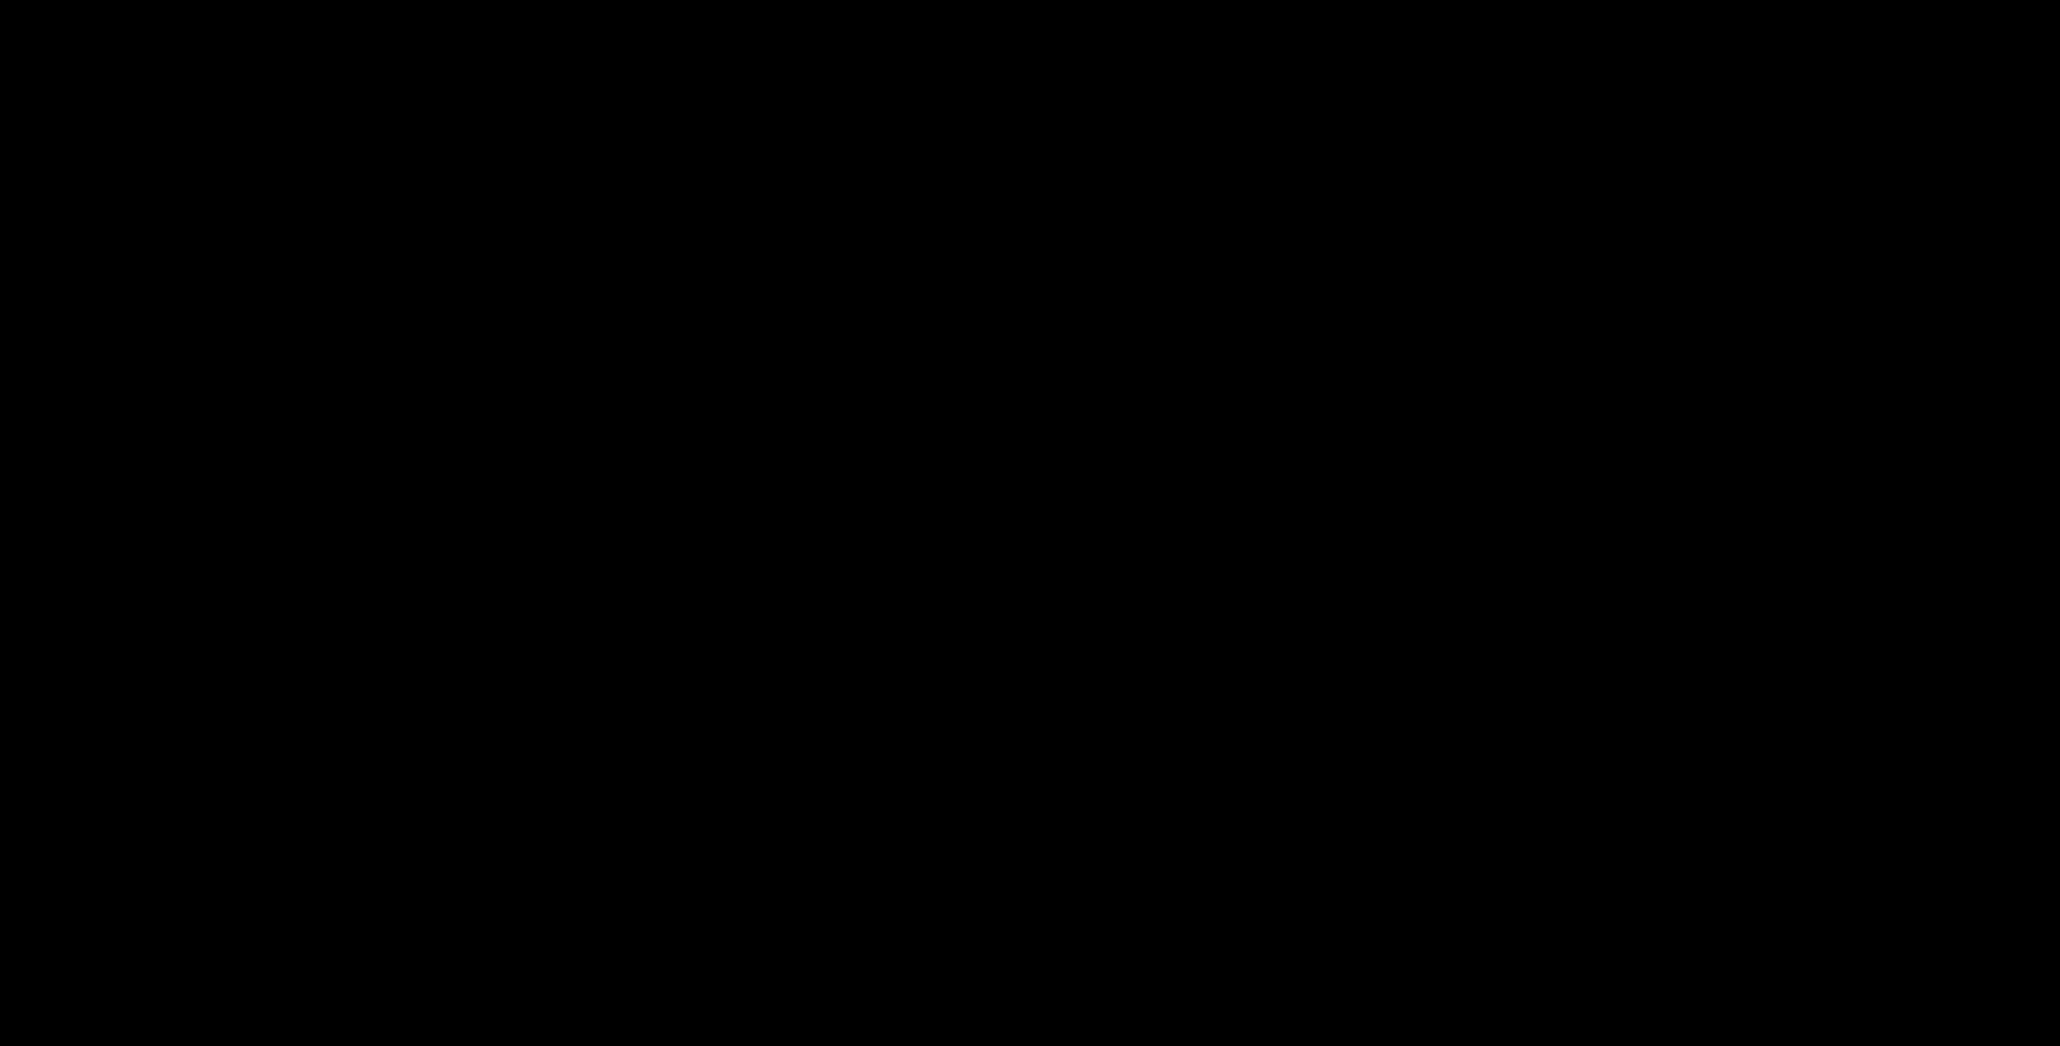 N-Feruloylserotonin-d<sub>4</sub>